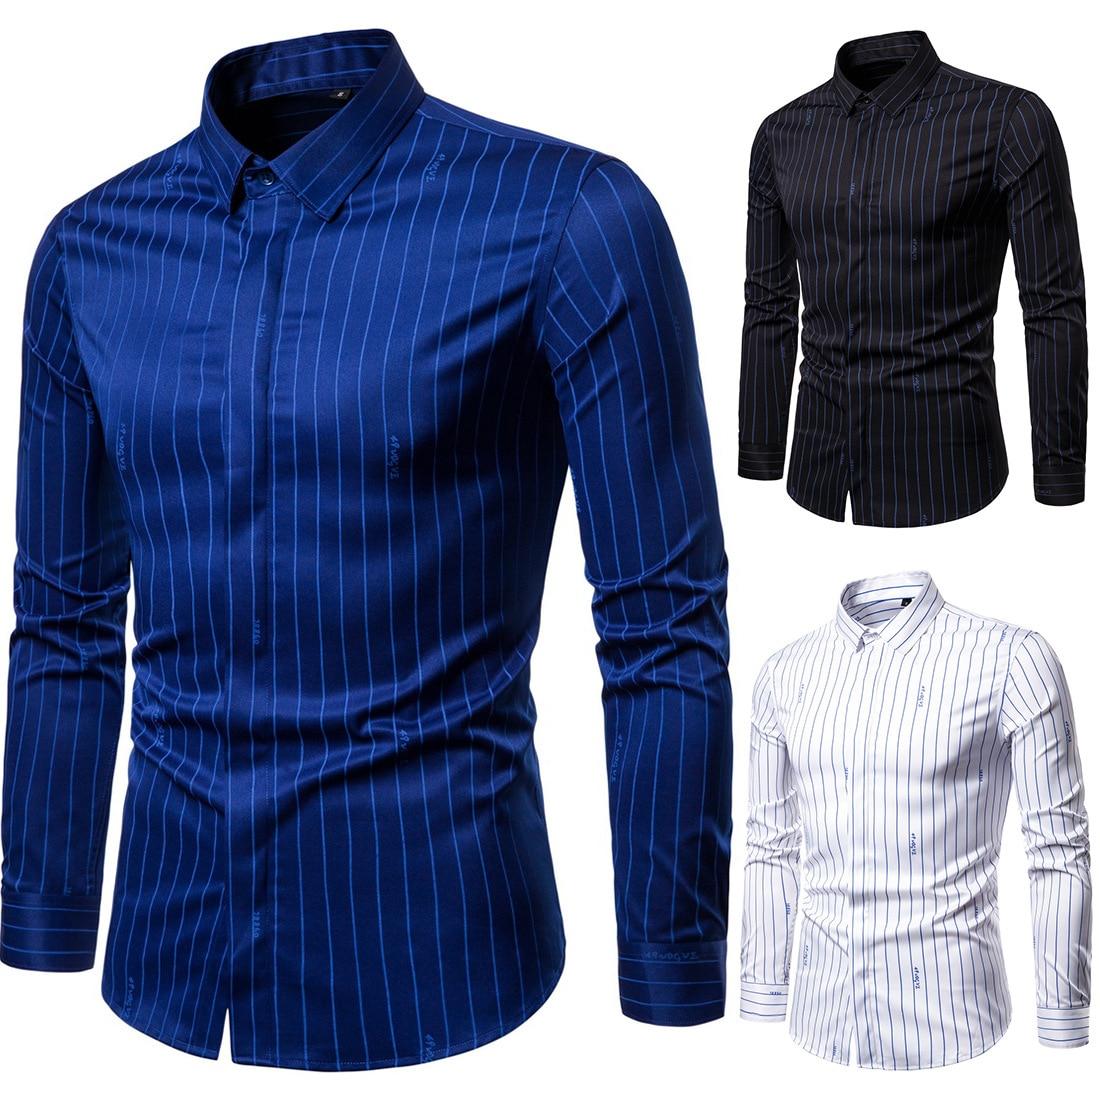 Мужская классическая рубашка с длинными рукавами, деловая Мужская рубашка большого размера, Мужская классическая Куртка